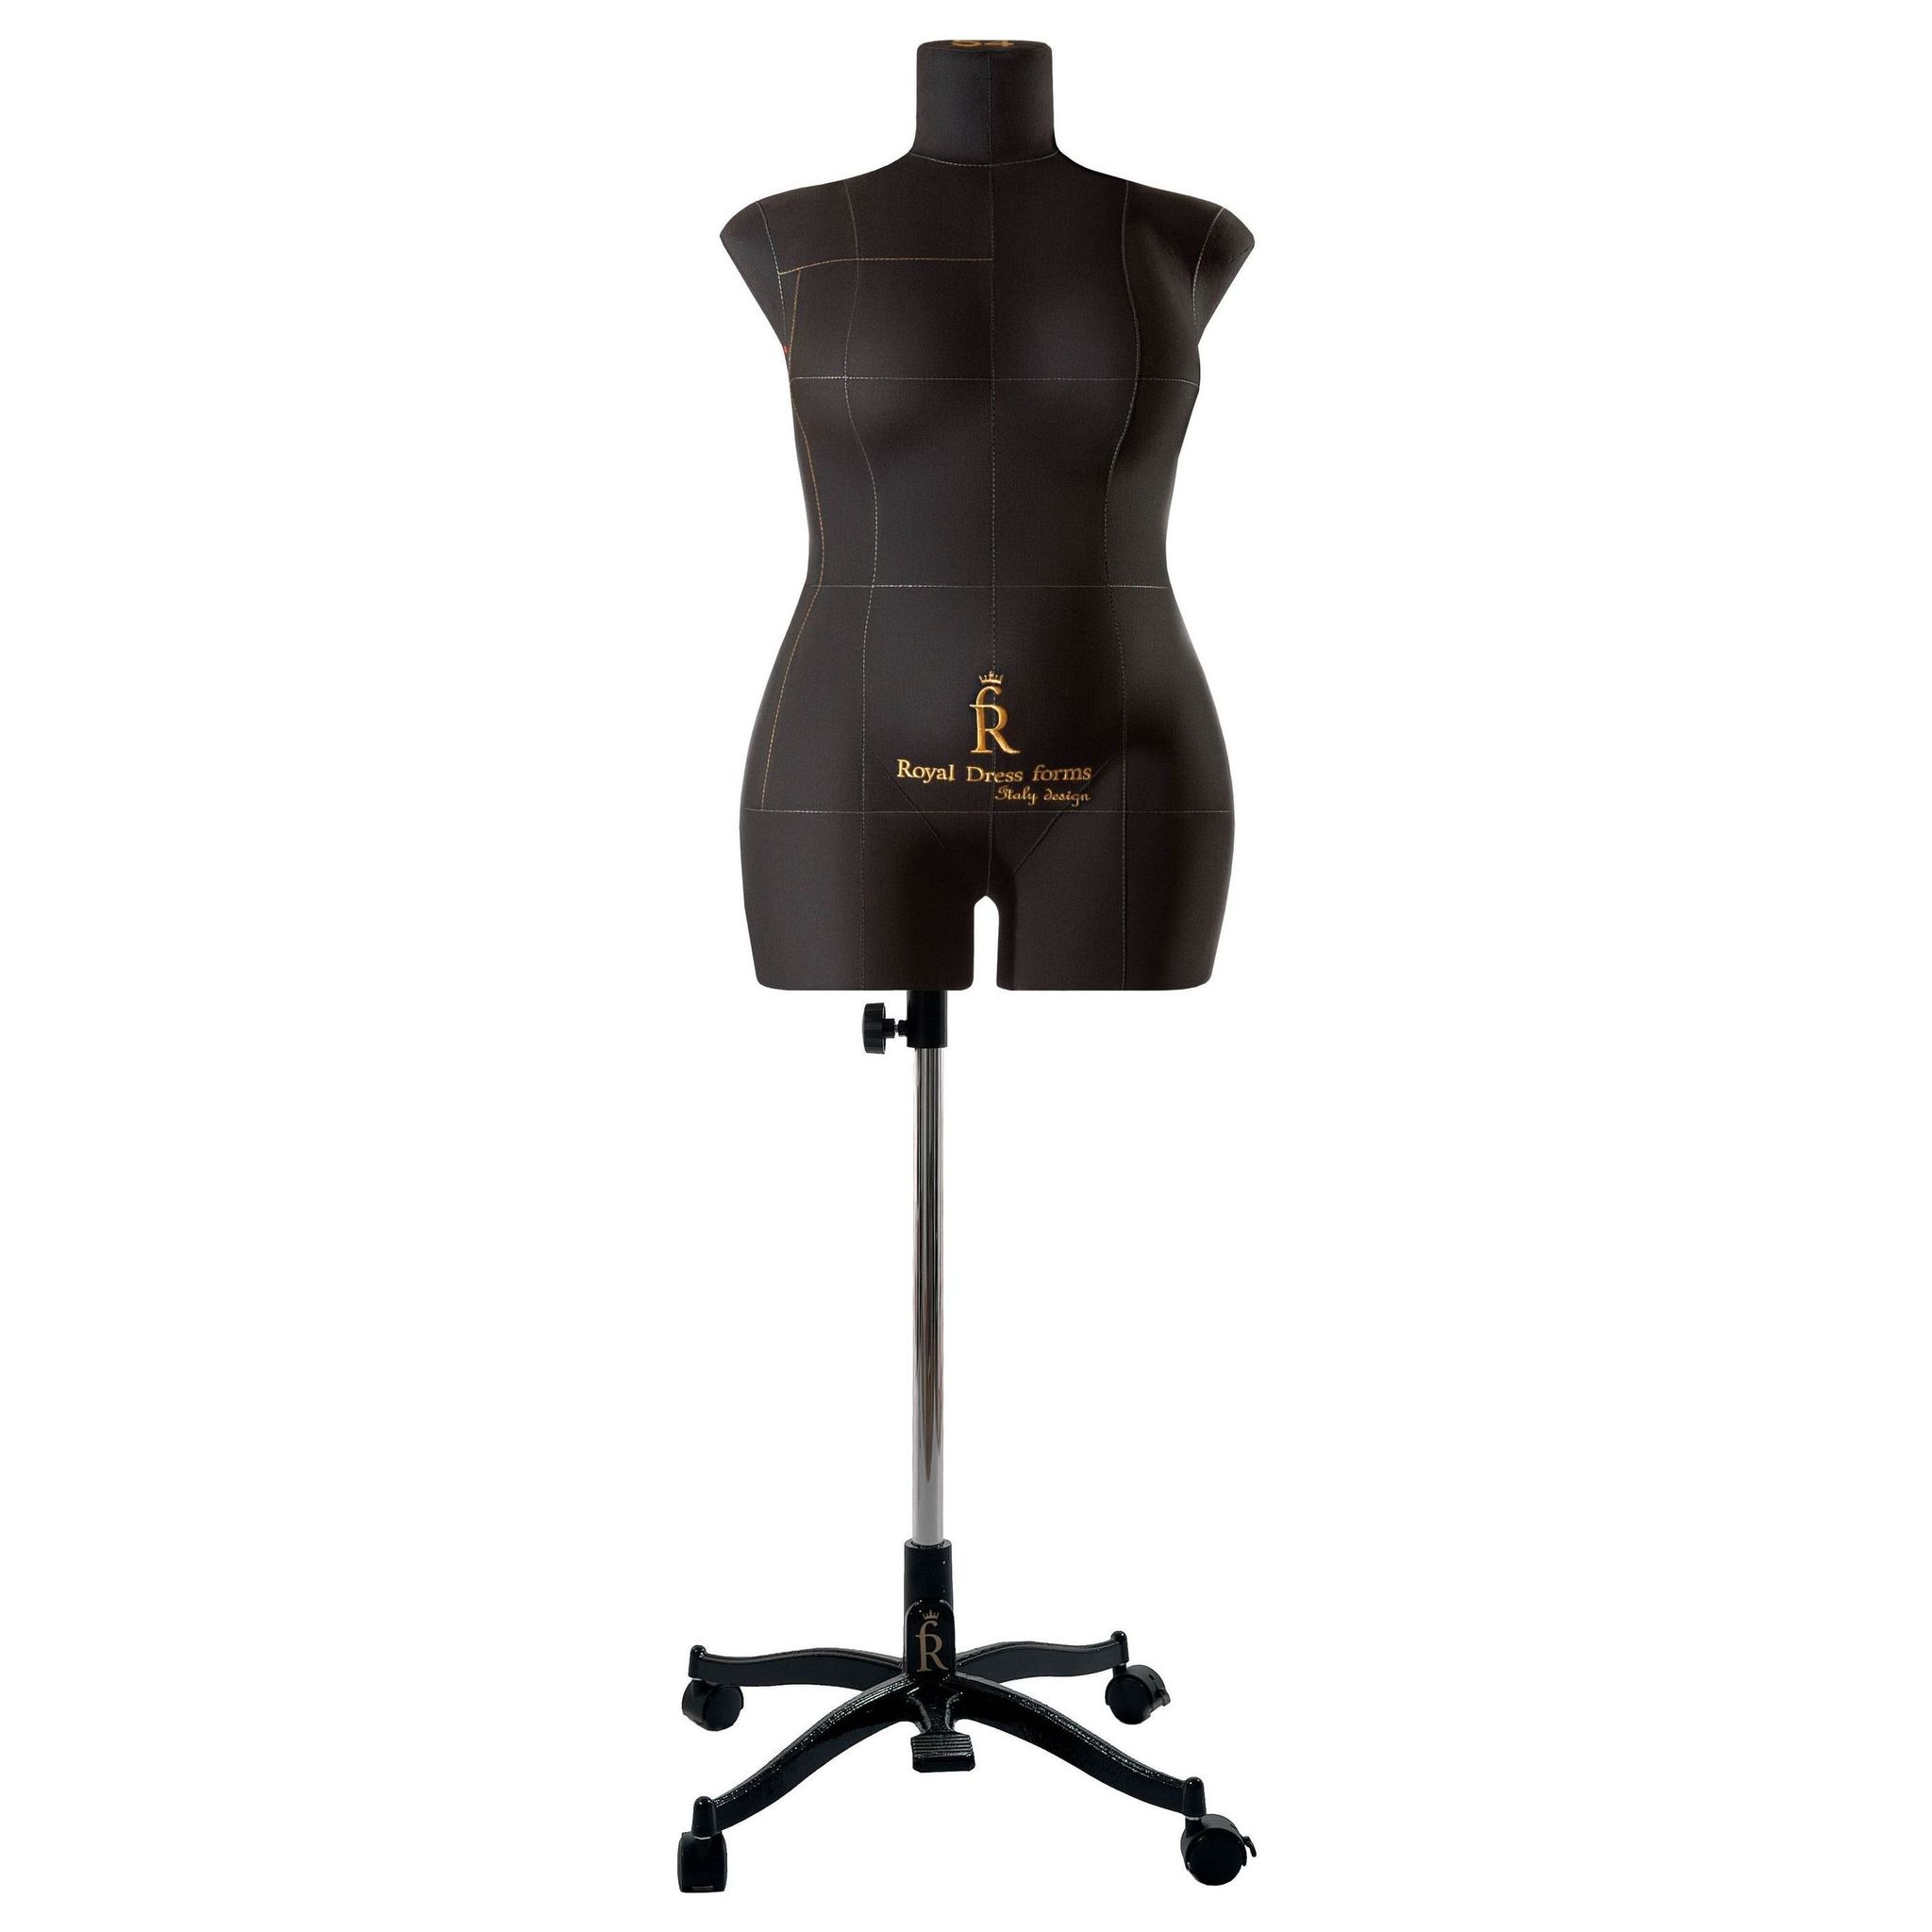 Манекен портновский Моника, комплект Премиум, размер 54, ЧерныйФото 3